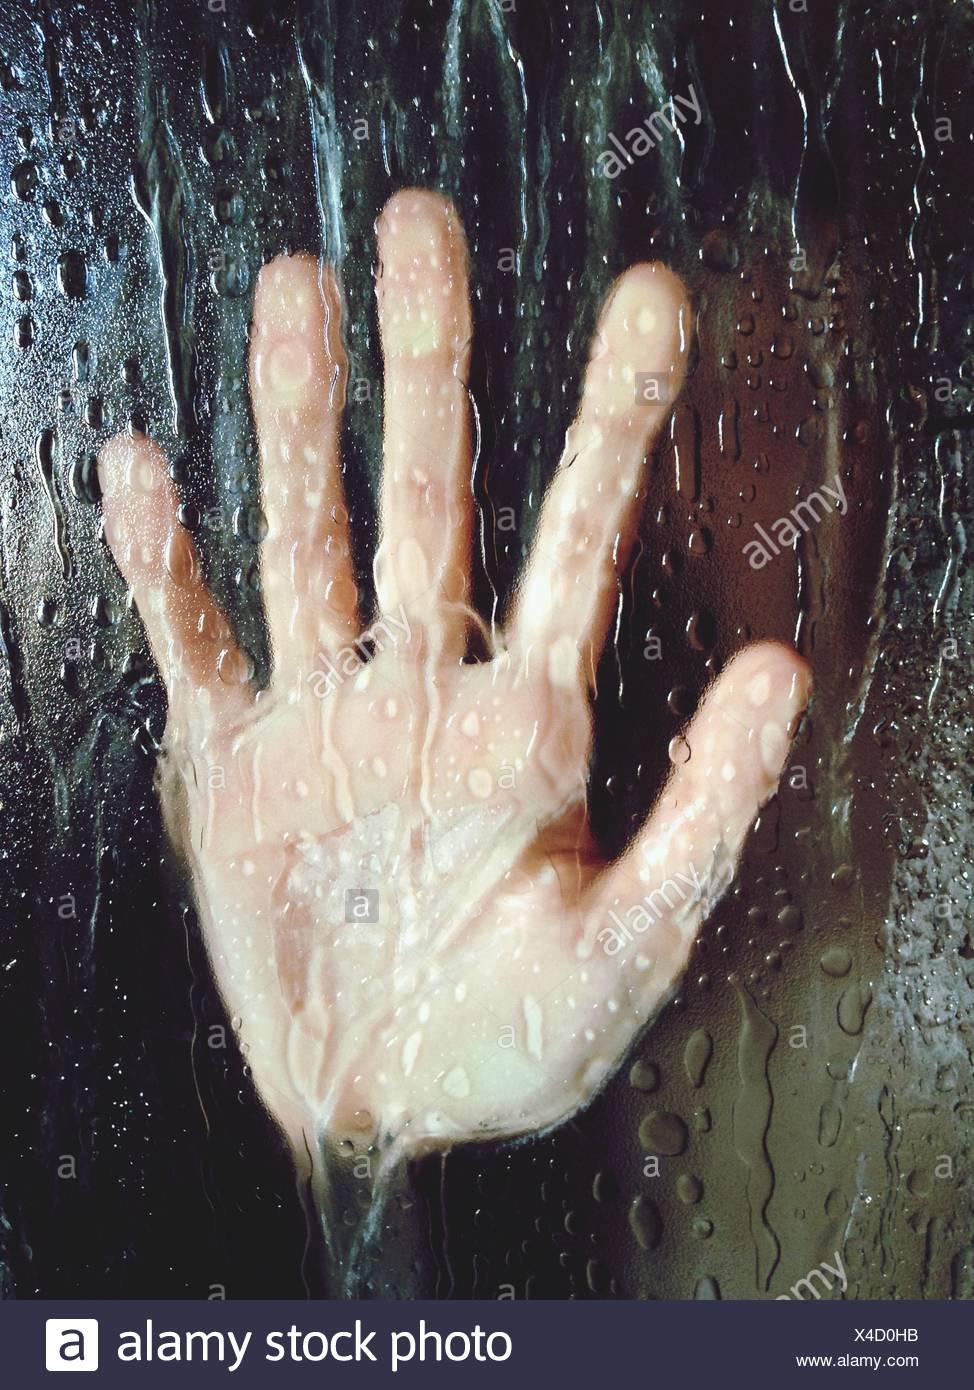 In primo piano della mano sul vetro bagnato Immagini Stock